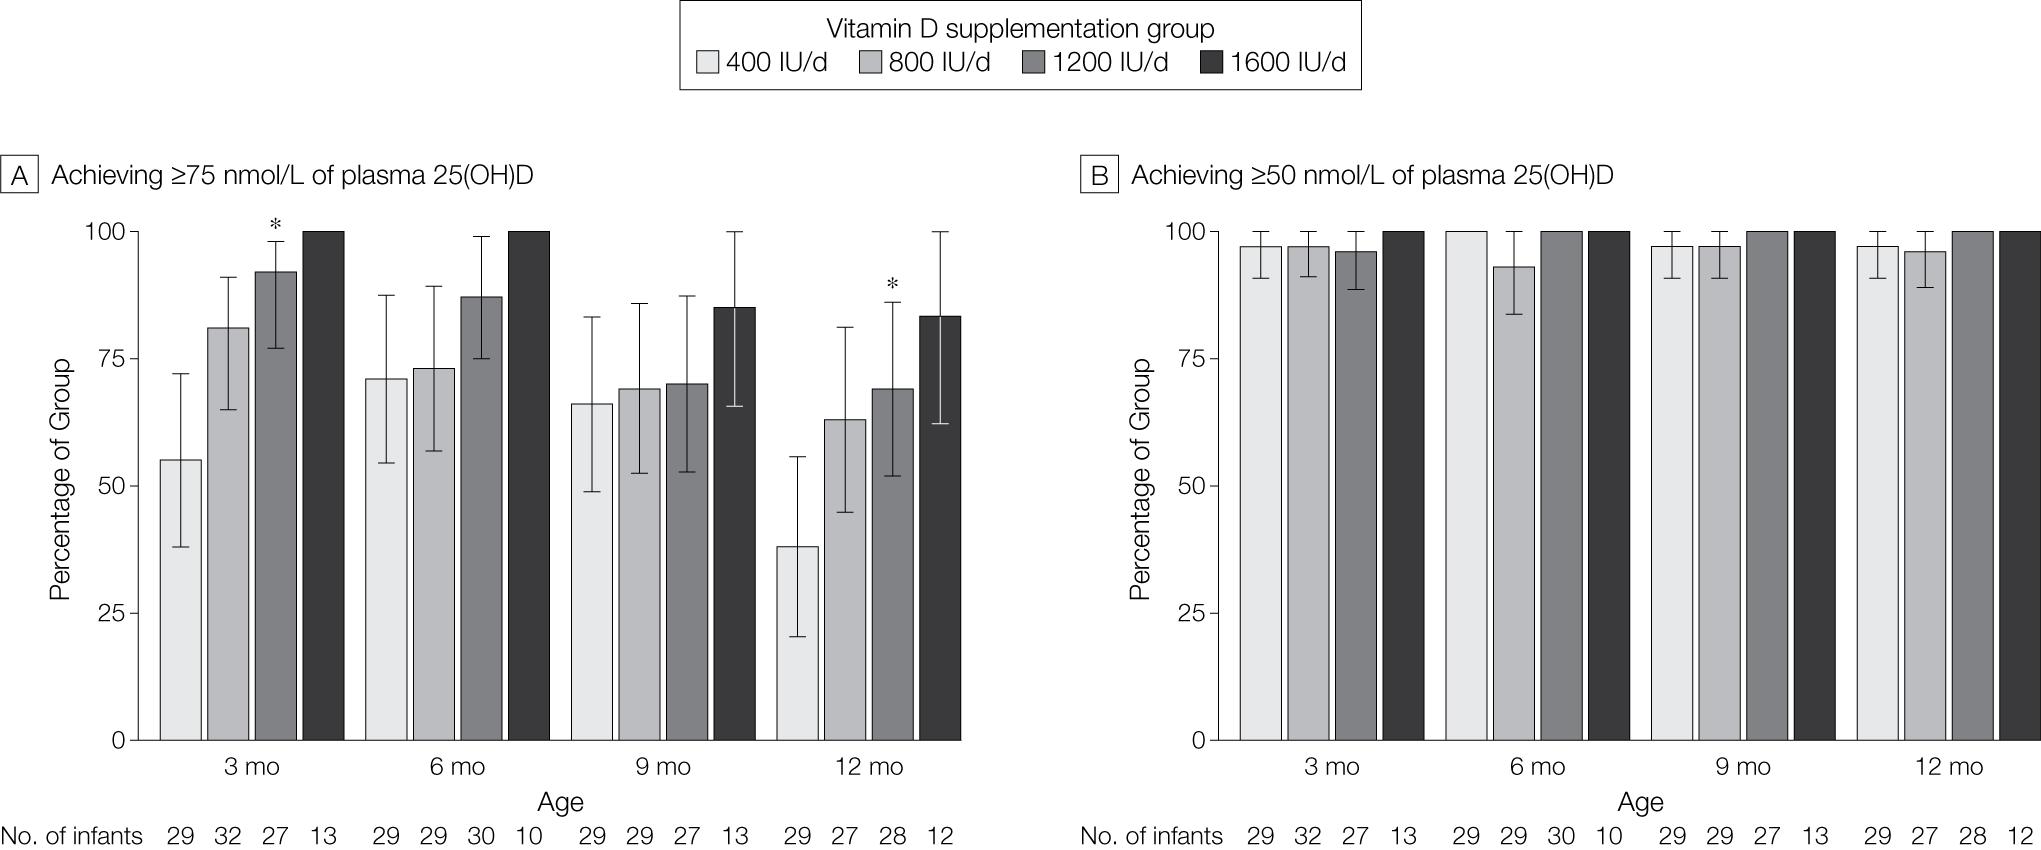 Effet de la quantité vitamine D sur la concentration en 25(OH)D